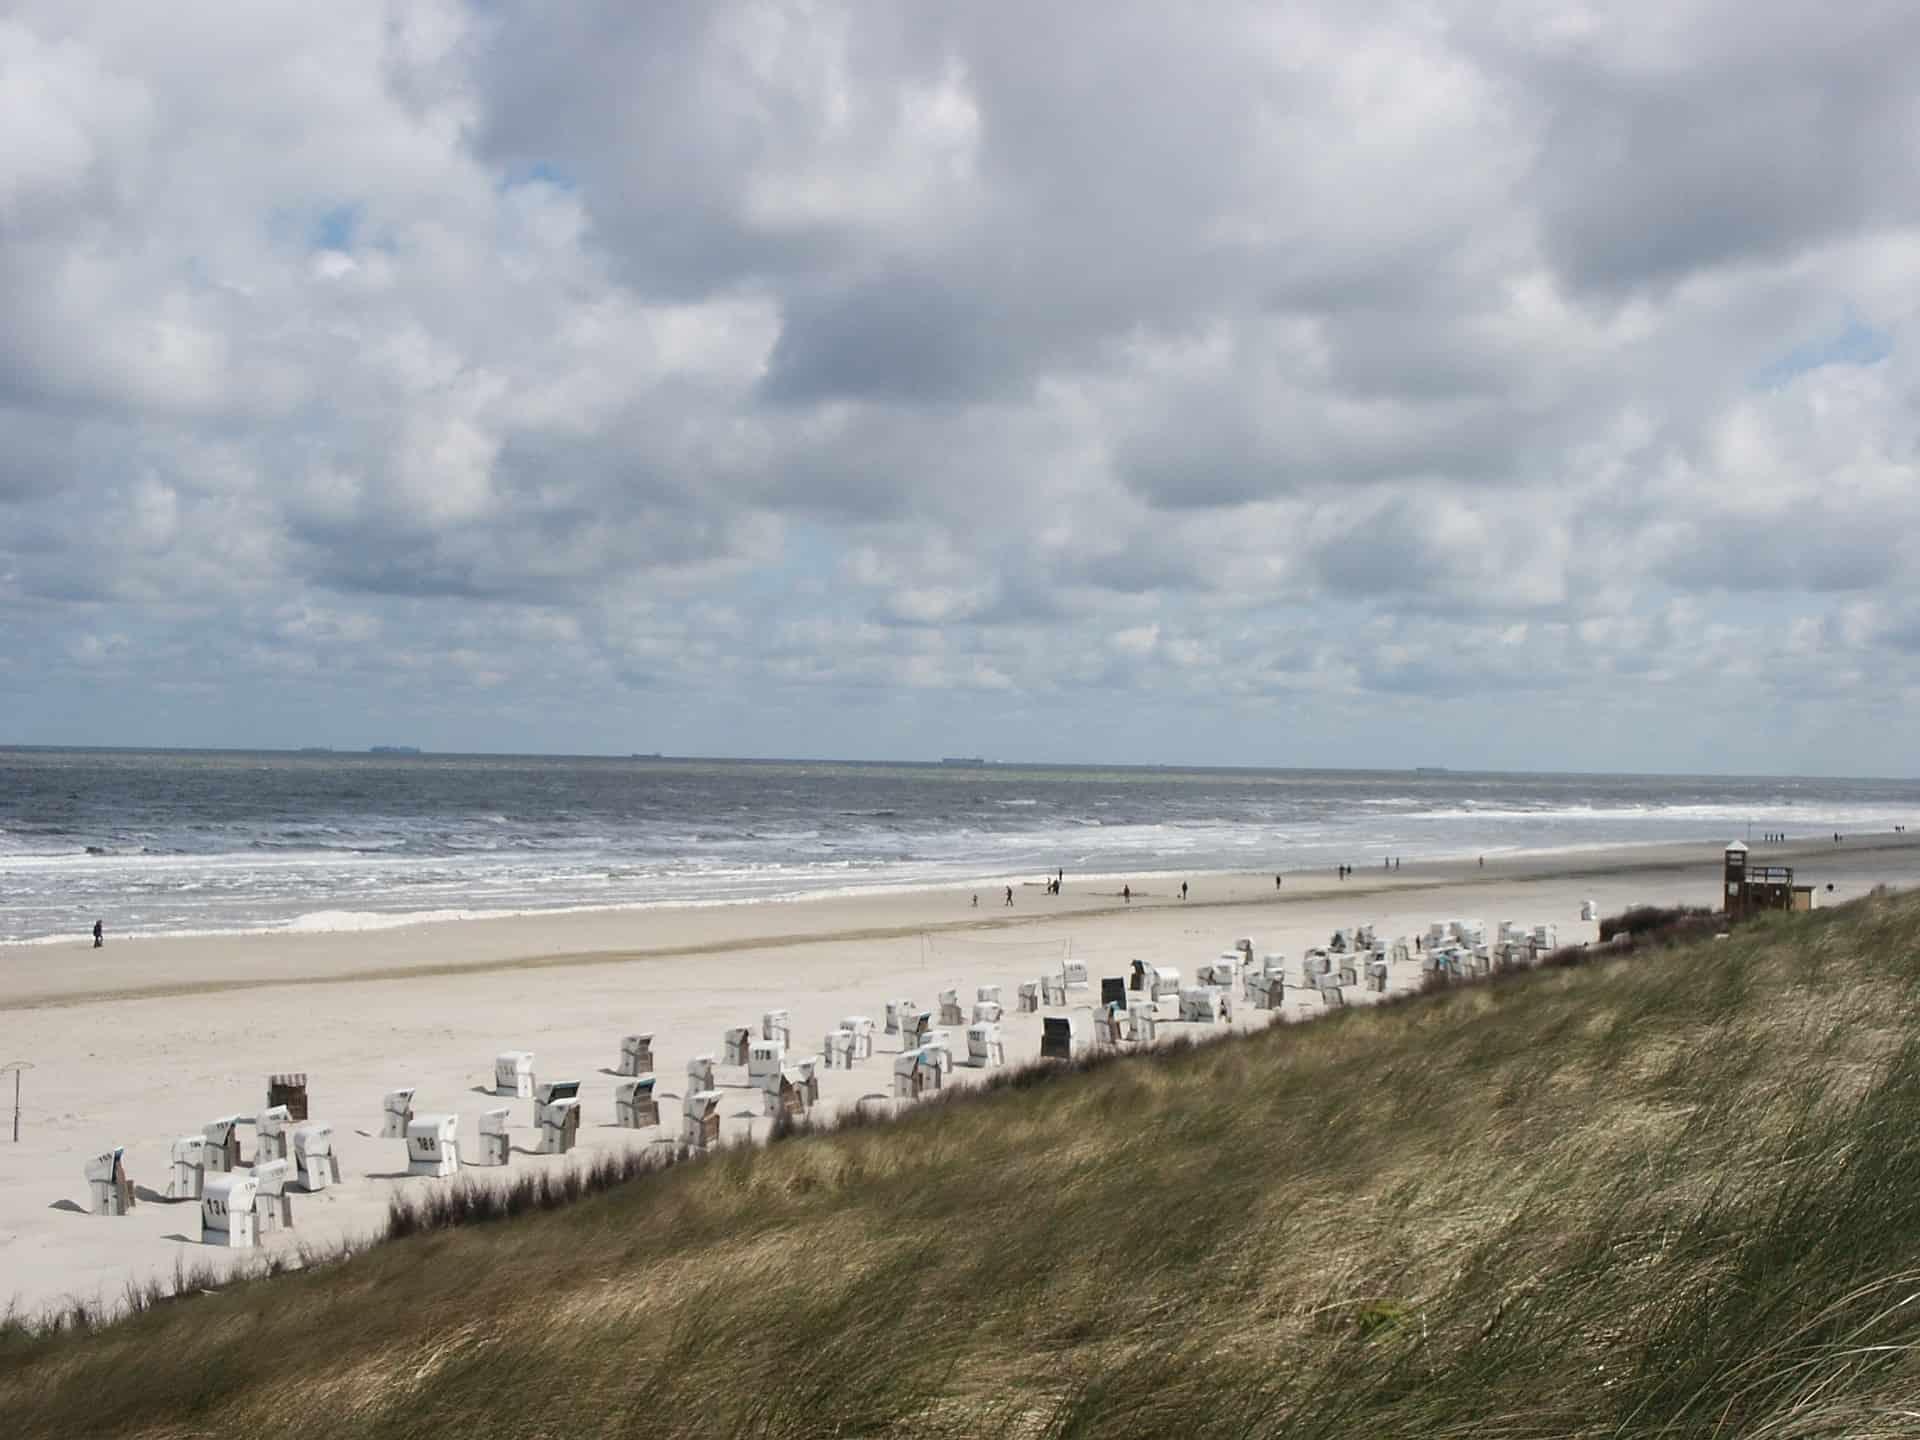 Spiekeroog Urlaub auf der Insel ab 140,00€ 3 Spiekeroog Hotel